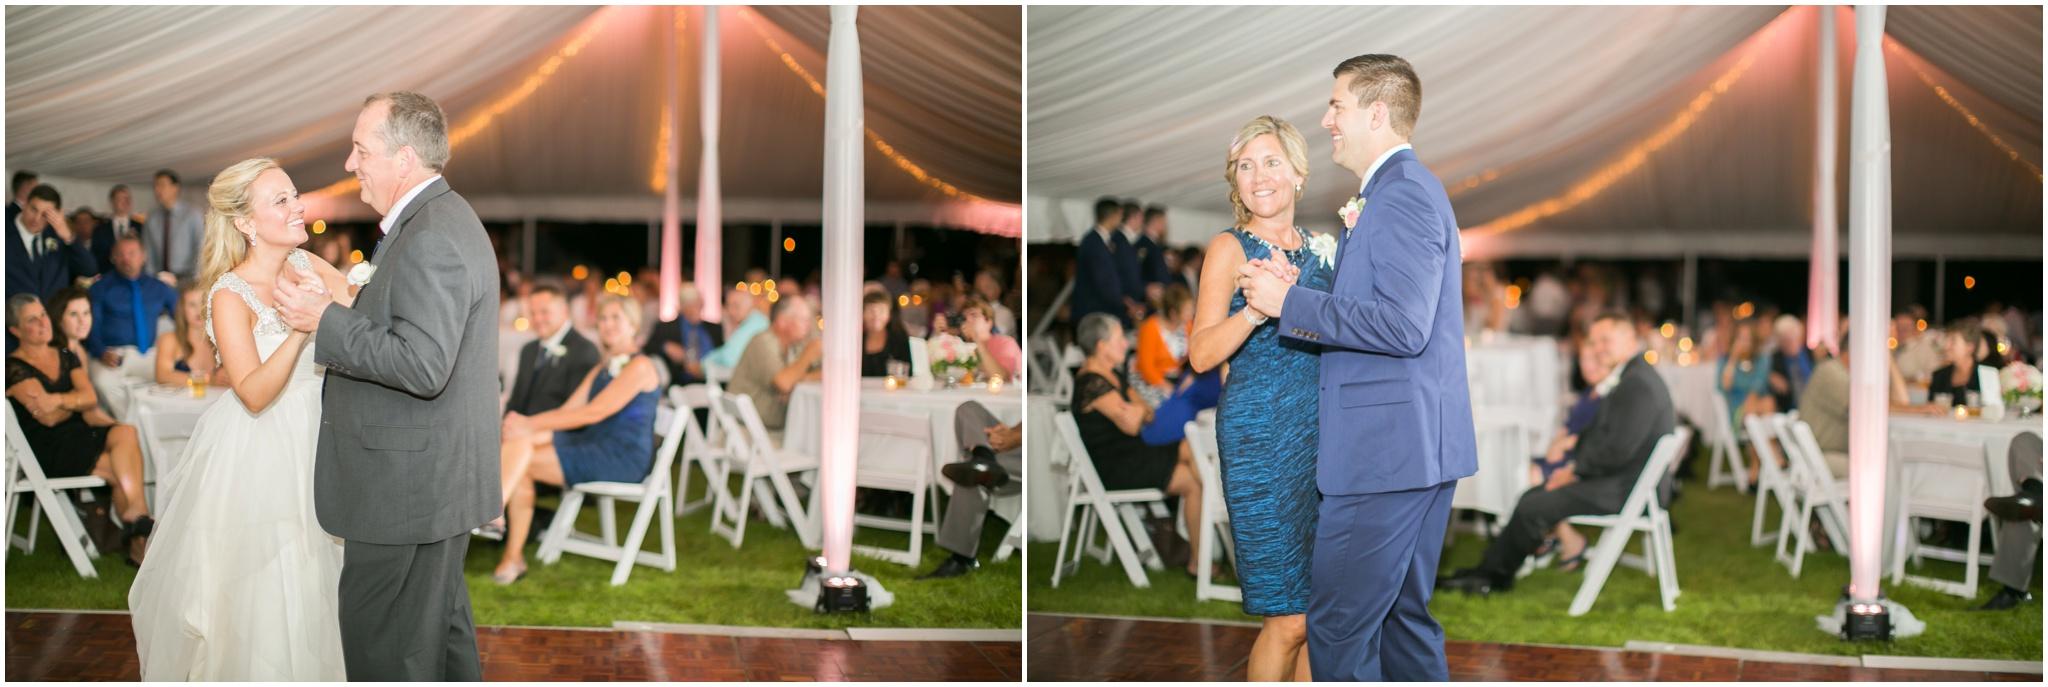 Green_Lake_Ripon_Wisconsin_Wedding_0080.jpg